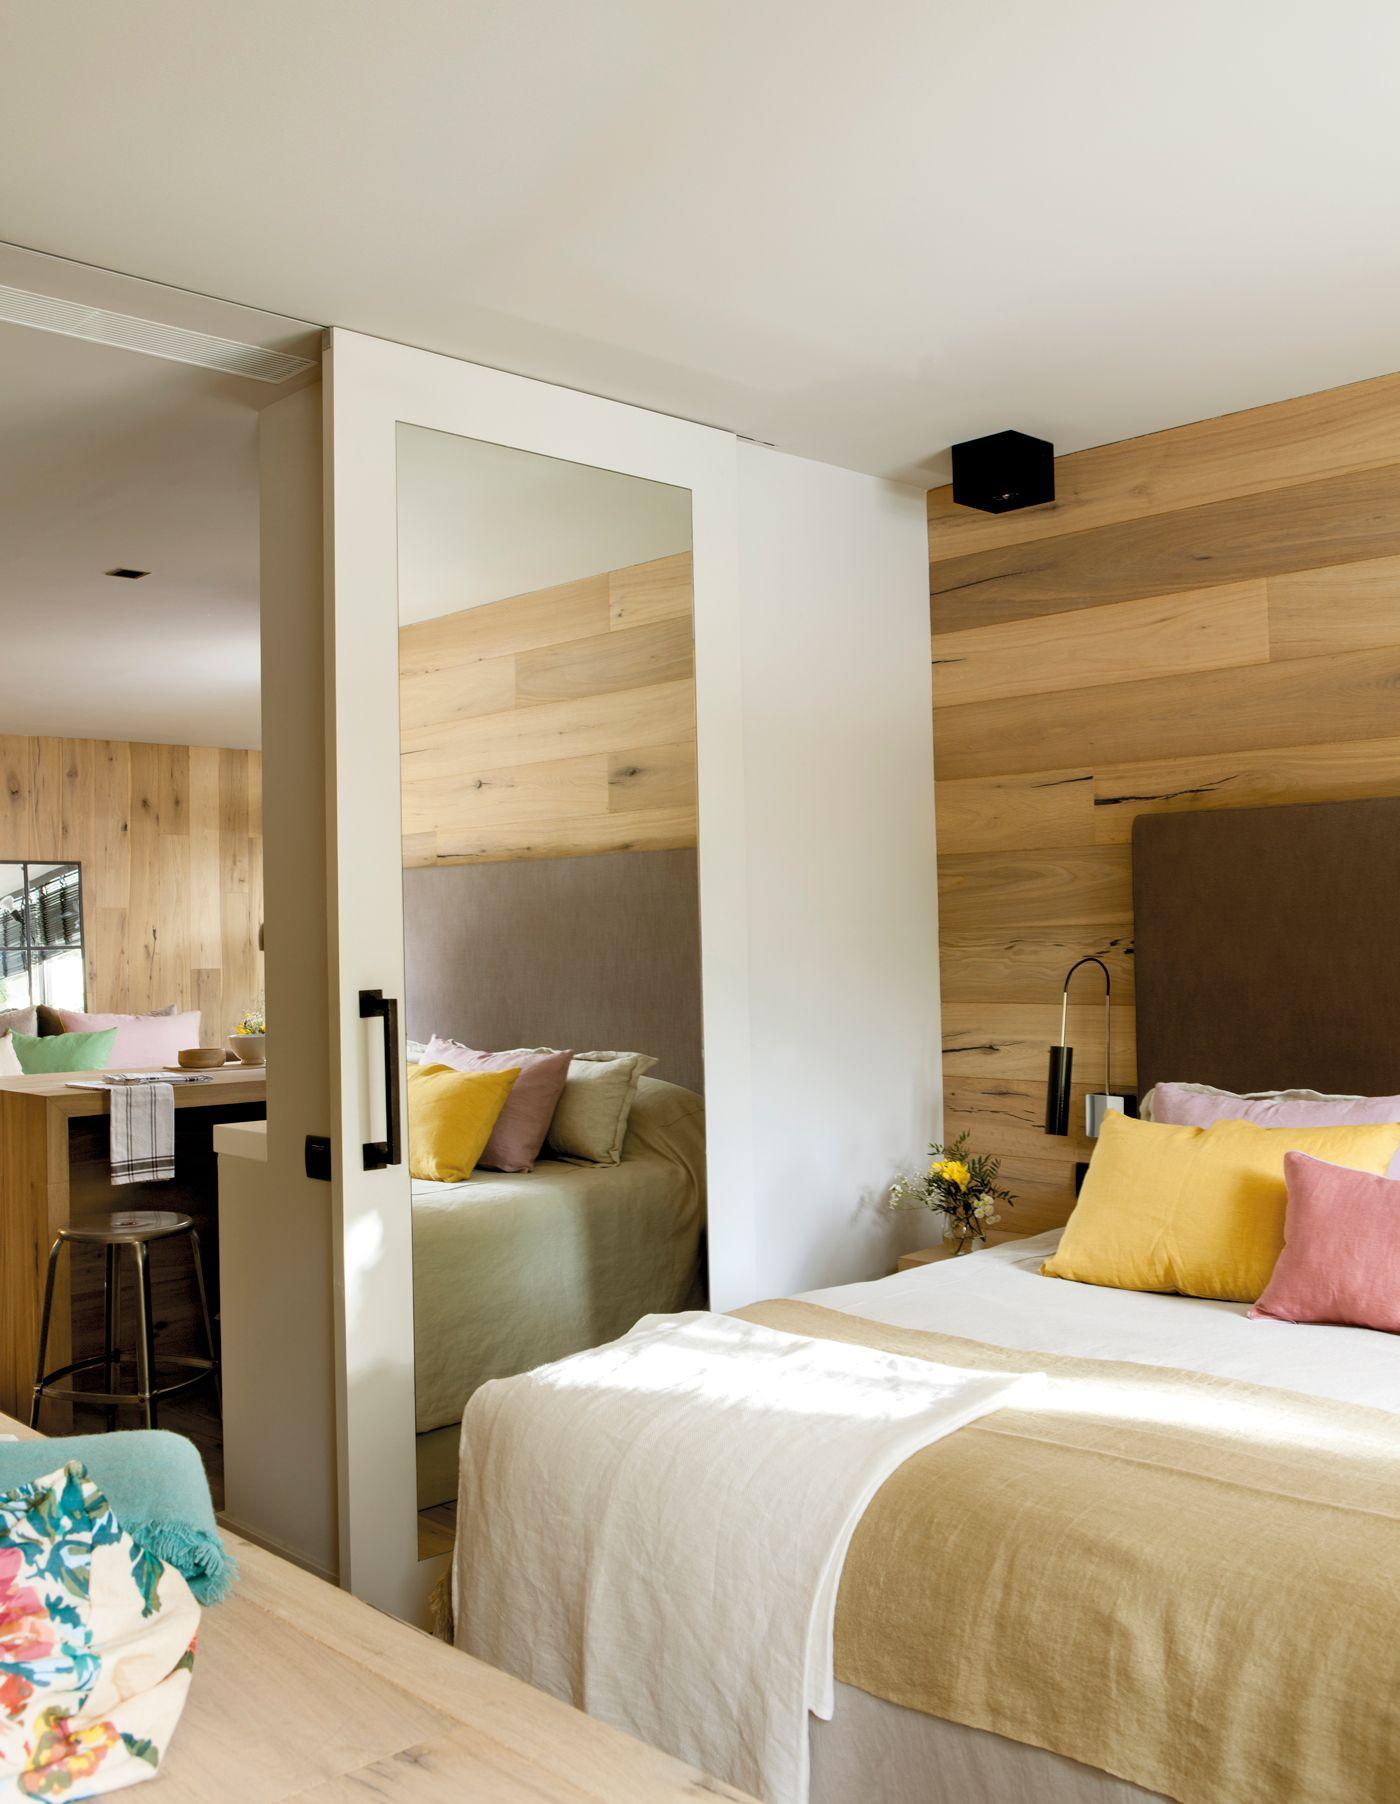 Dormitorio con puerta corredera con espejo y pared forrada de